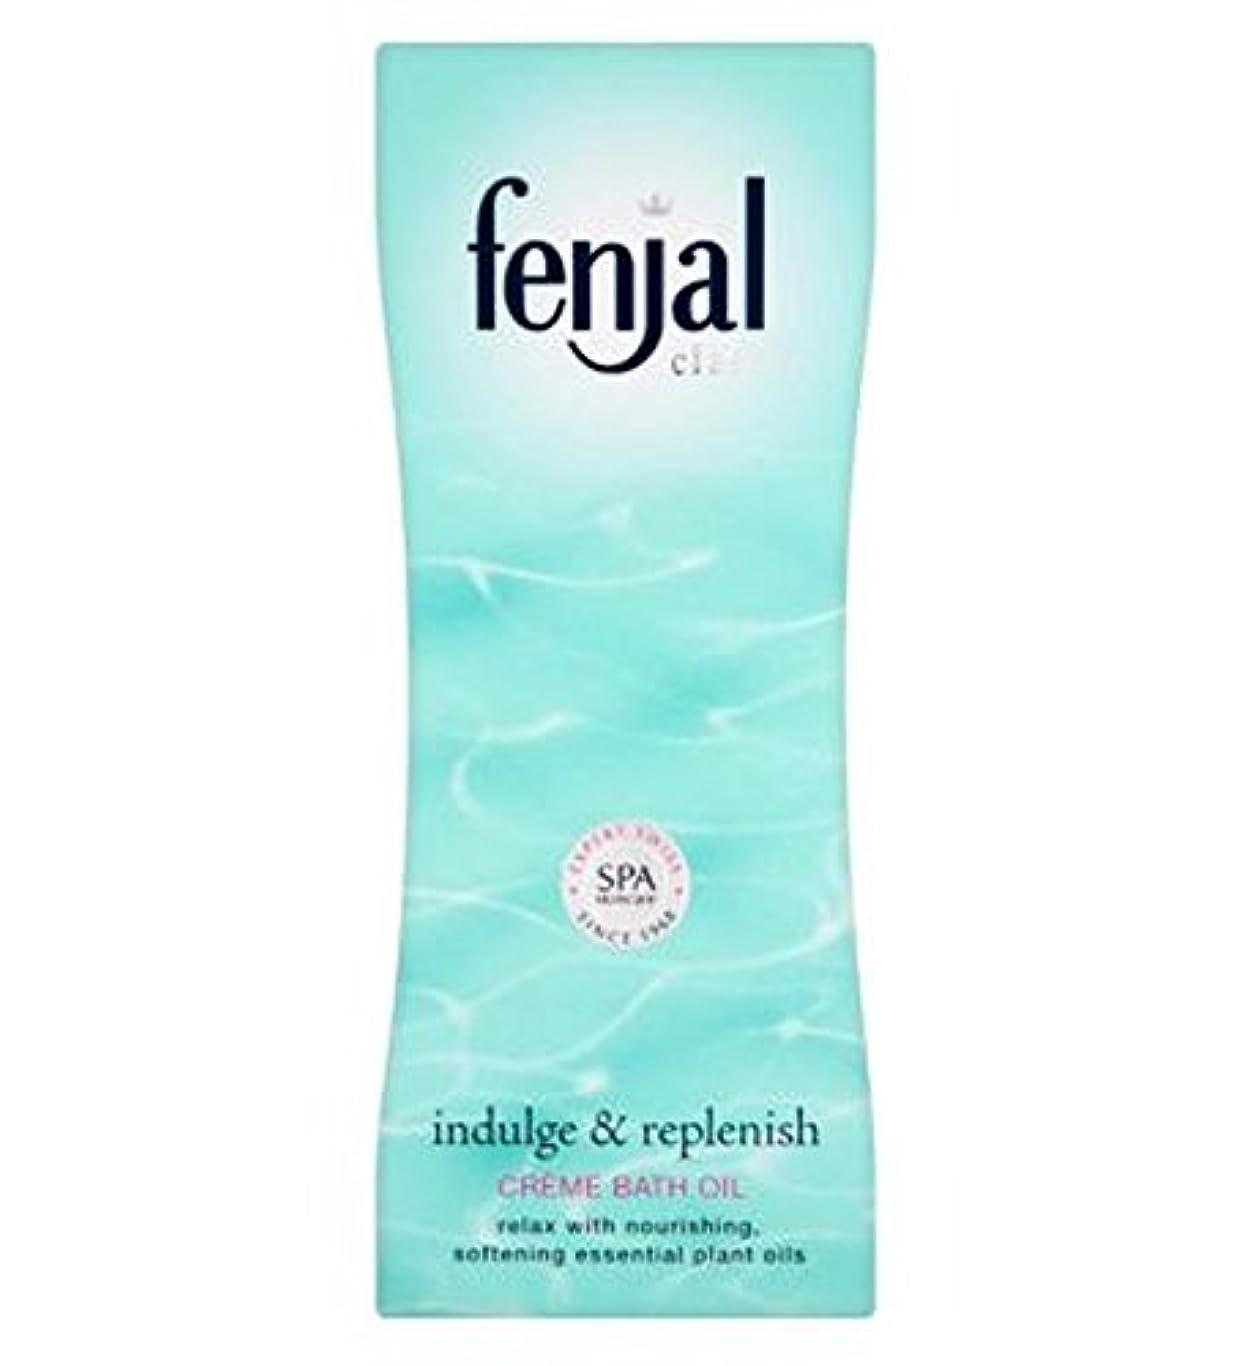 高めるジョージバーナードサイクロプスFenjal Classic Luxury Creme Bath Oil - Fenjal古典的な高級クリームバスオイル (Fenjal) [並行輸入品]